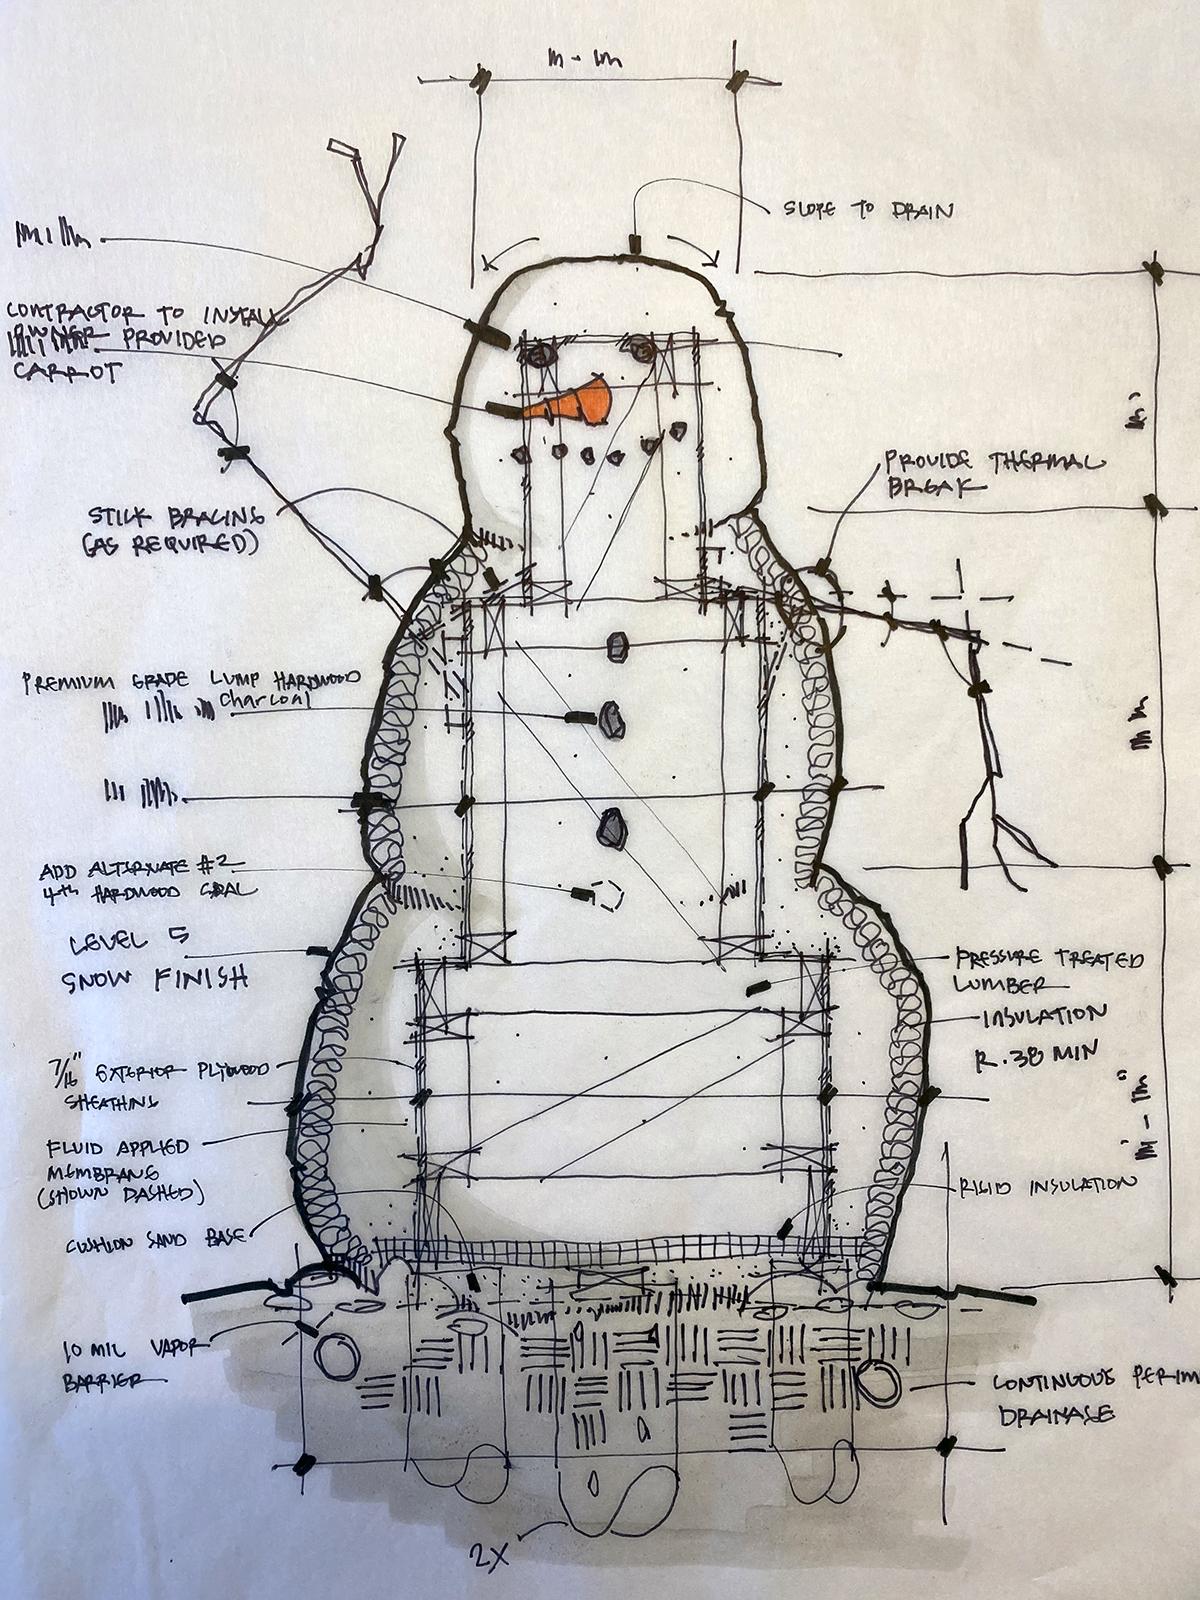 Original concept study sketch of How to Detail a Snowman - sketch by Bob Borson